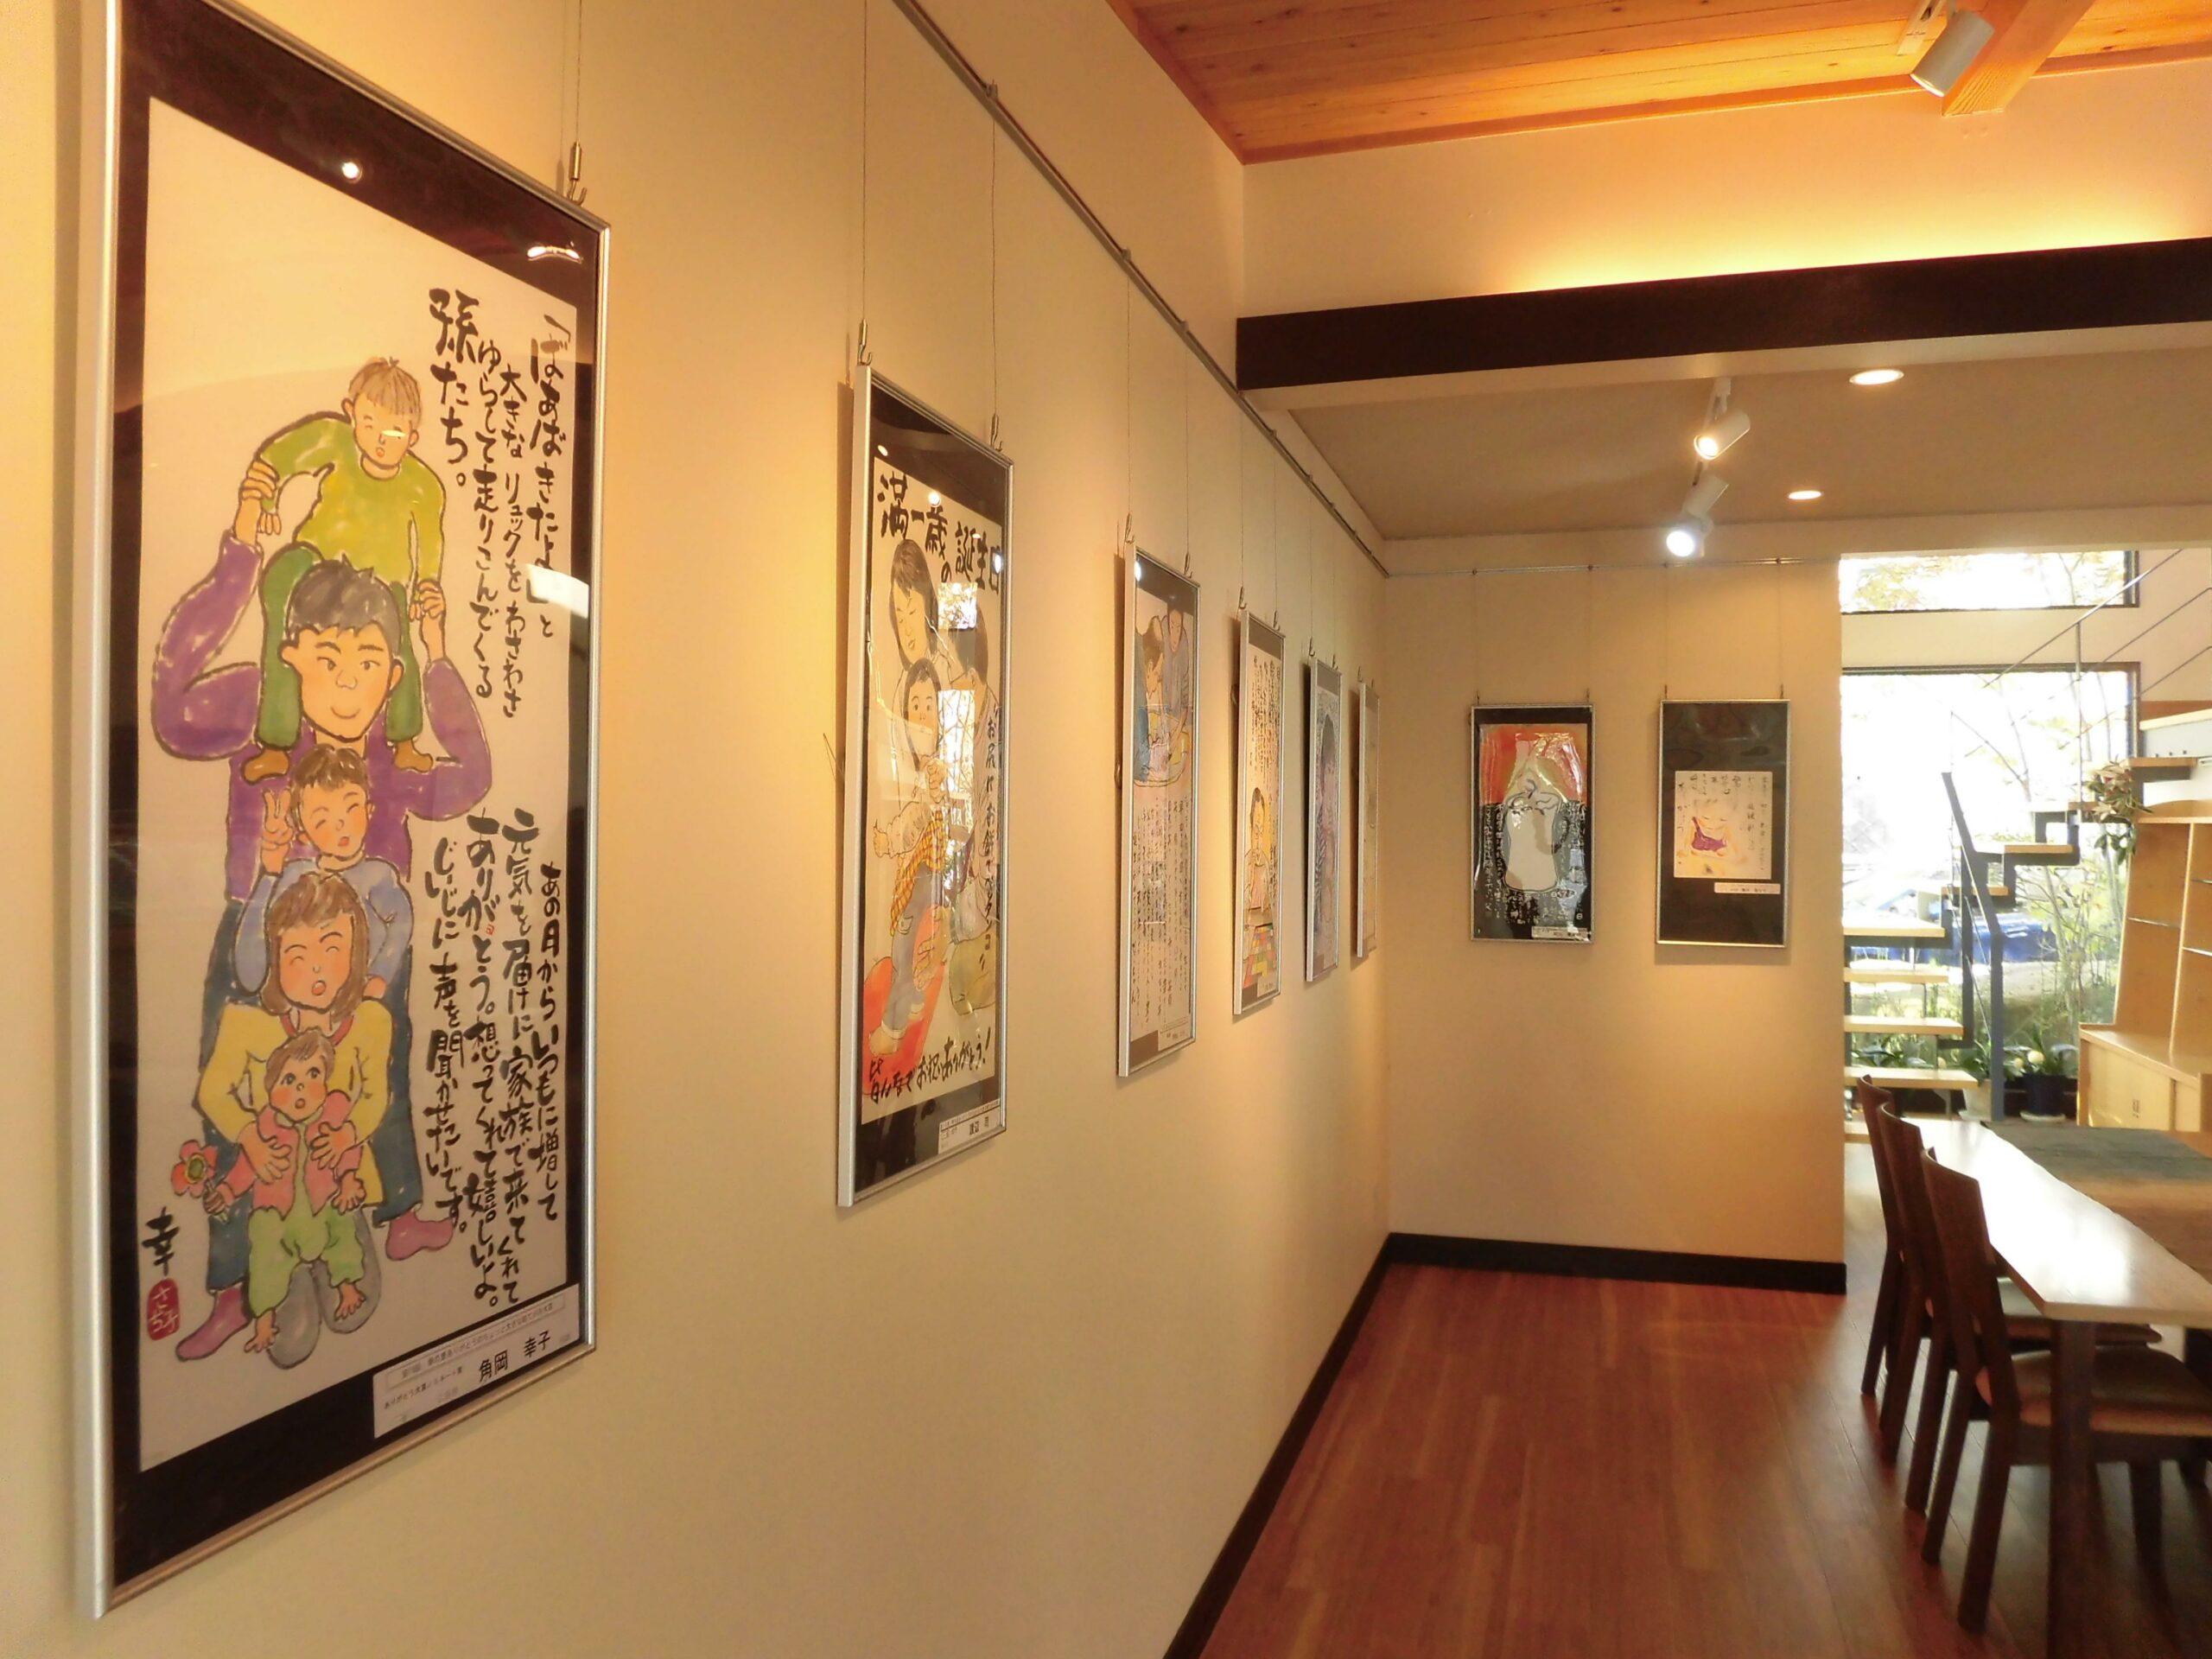 熊野町観光案内所「筆の駅」